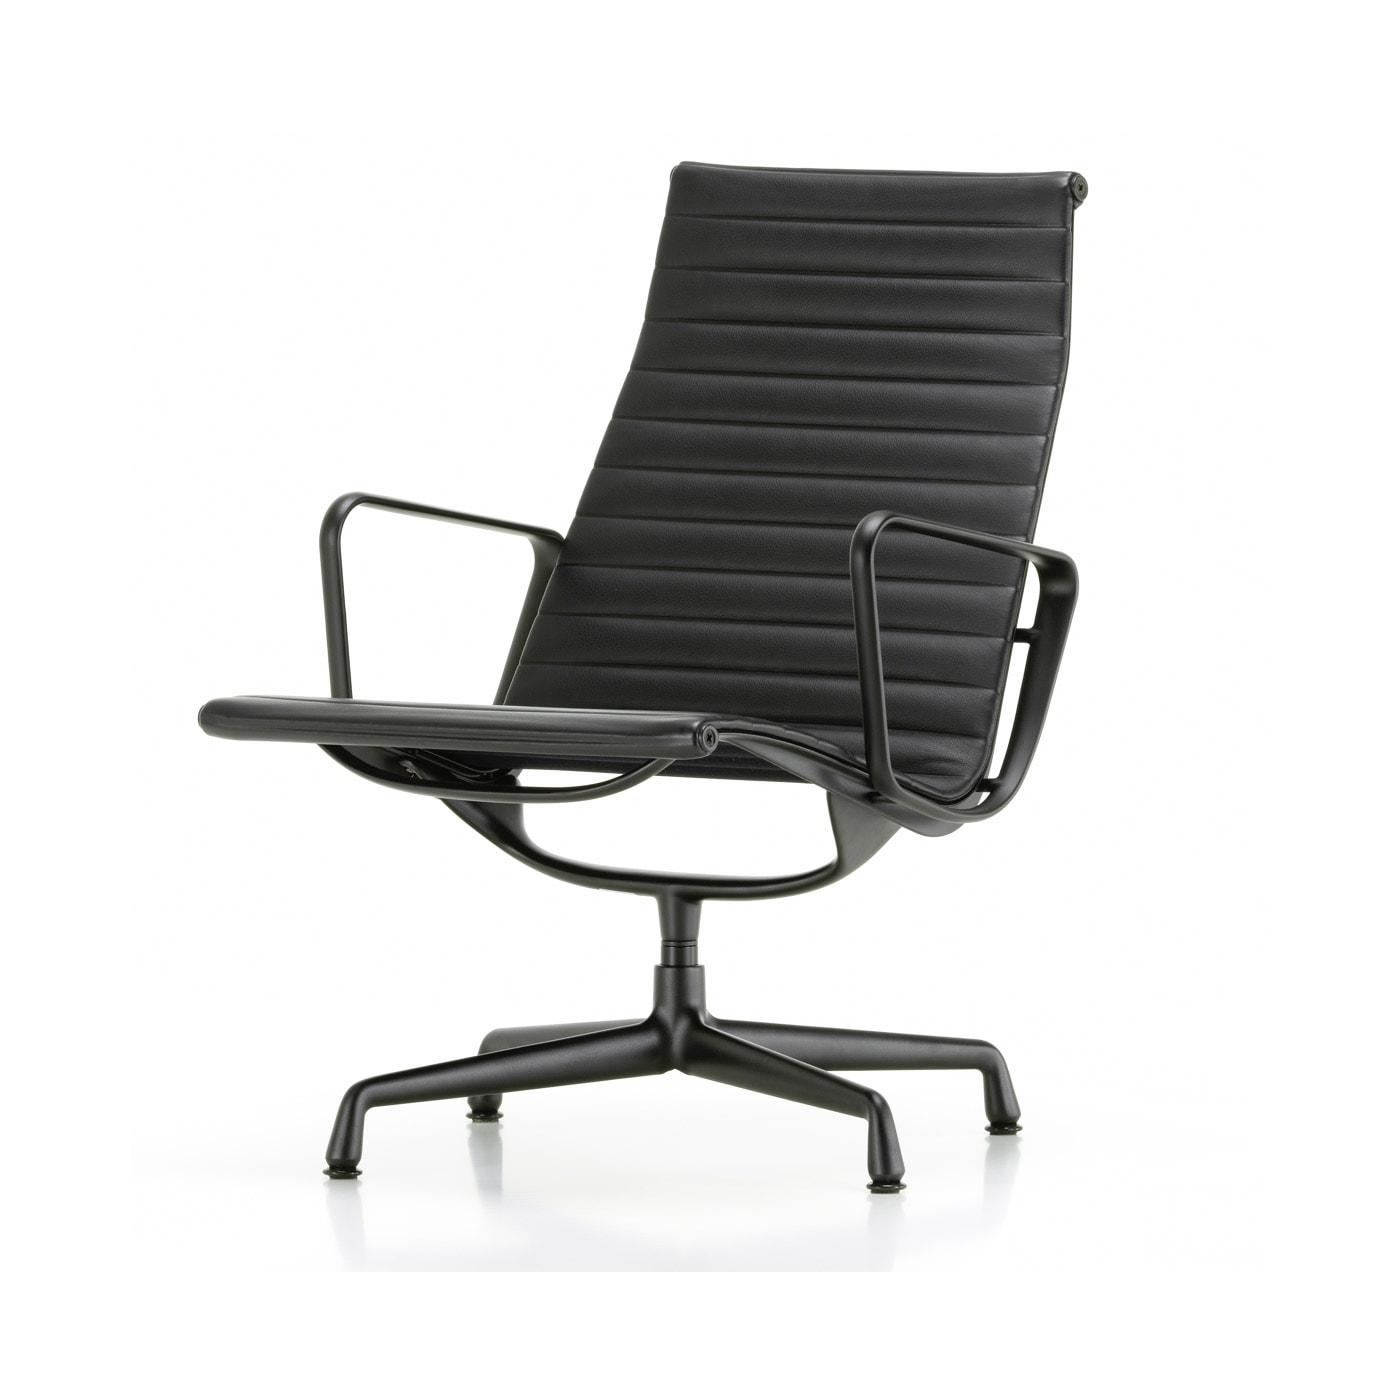 VITRA Aluminium 115 116 sedia lounge